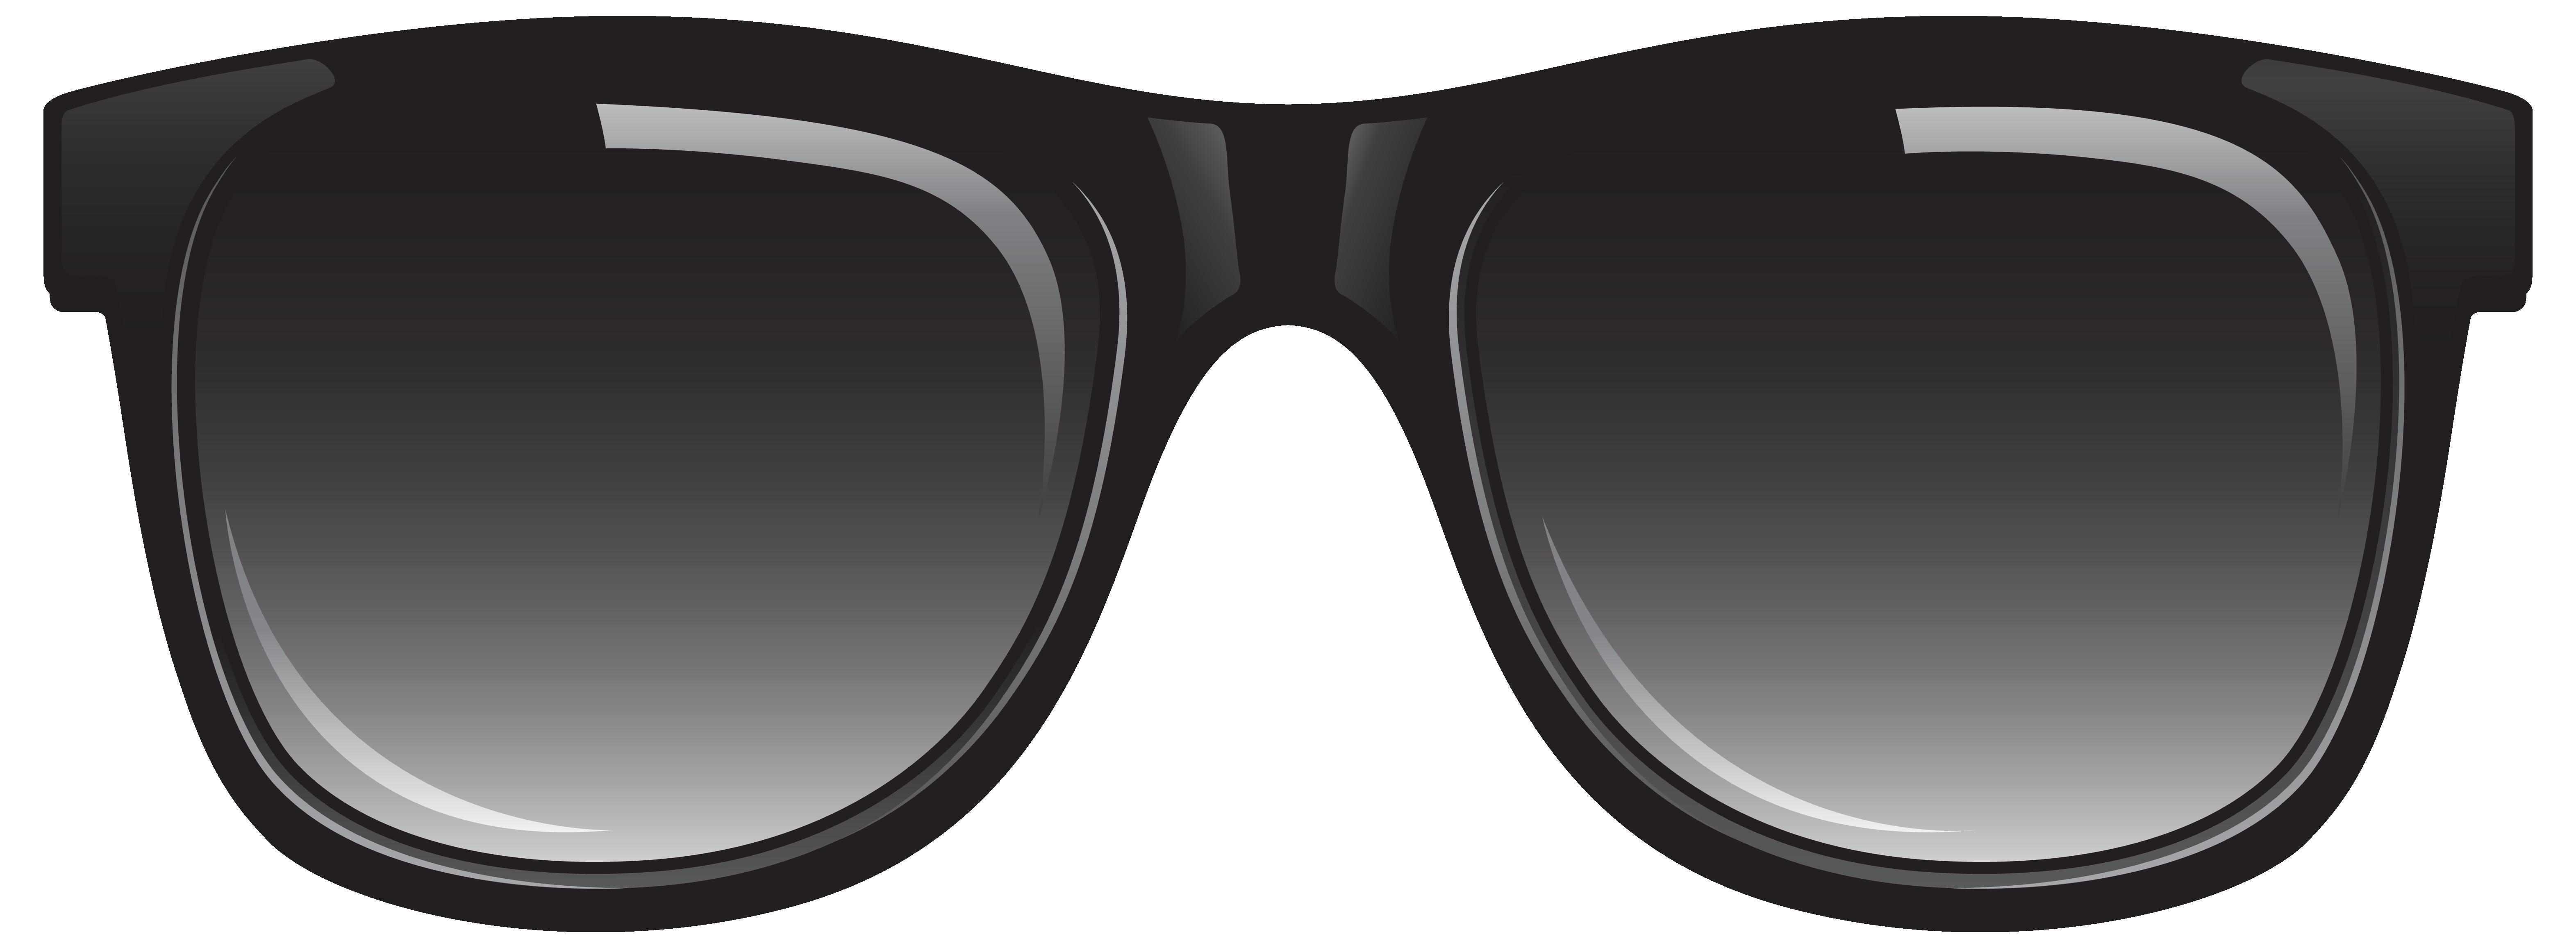 Glasses PNG - 21644